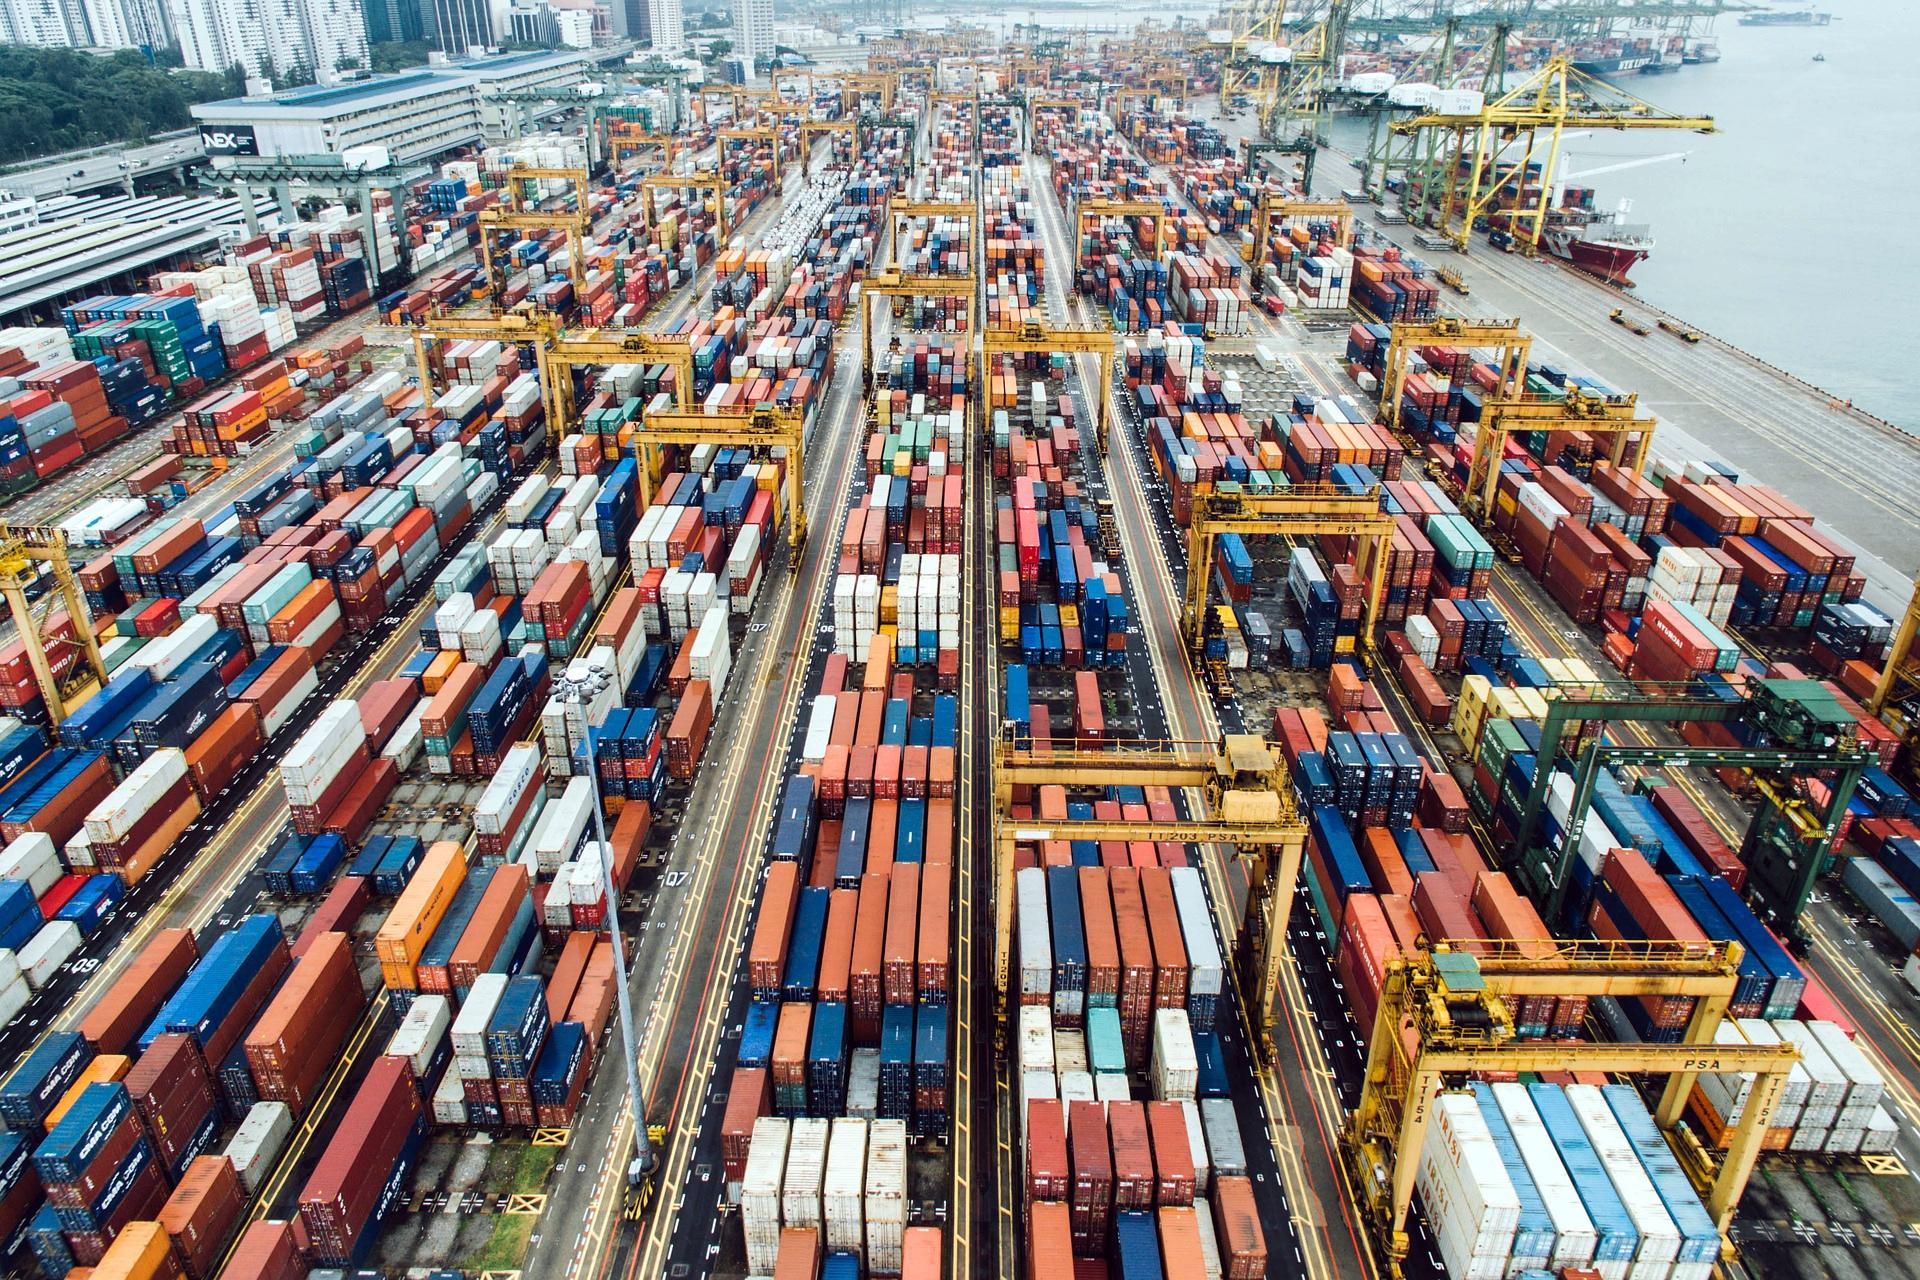 Trzeci największy port na świecie zaczyna działać – szybciej niż prognozowano